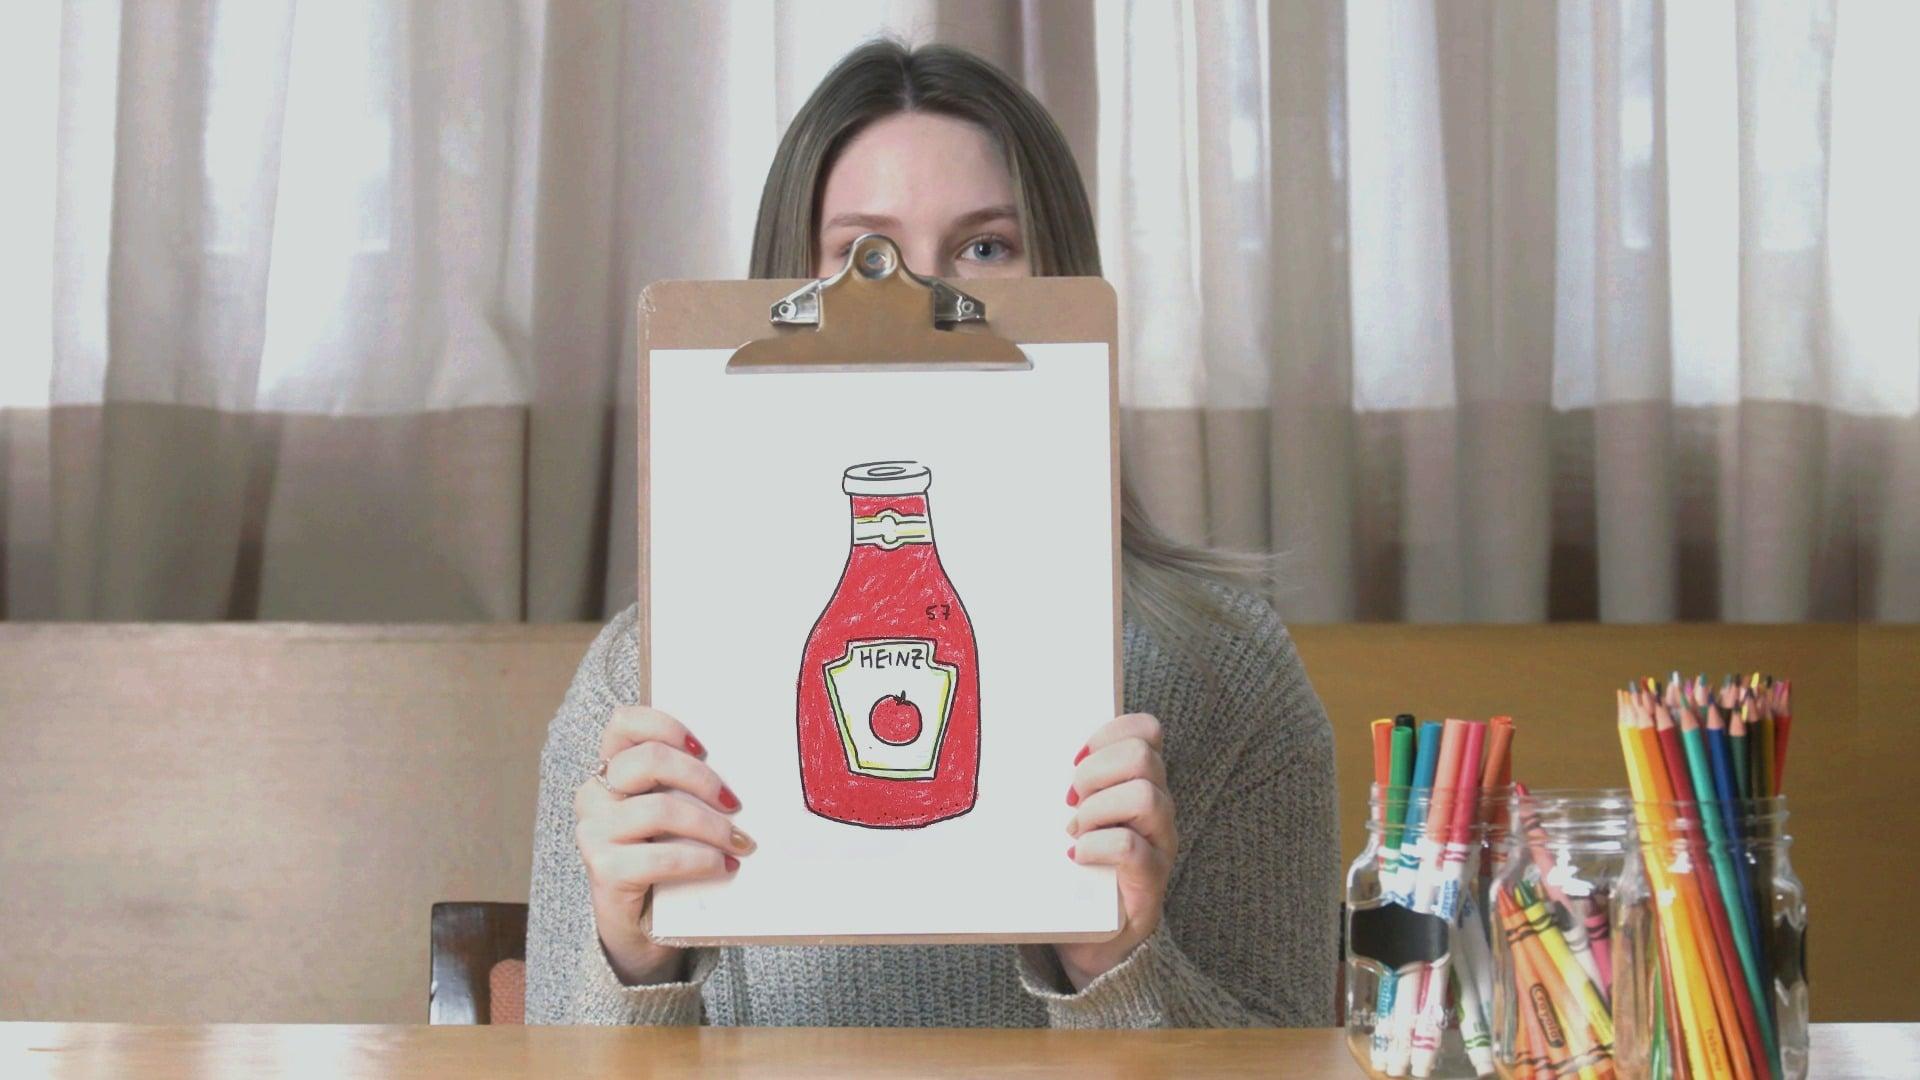 Dessin de Kechup Heinz